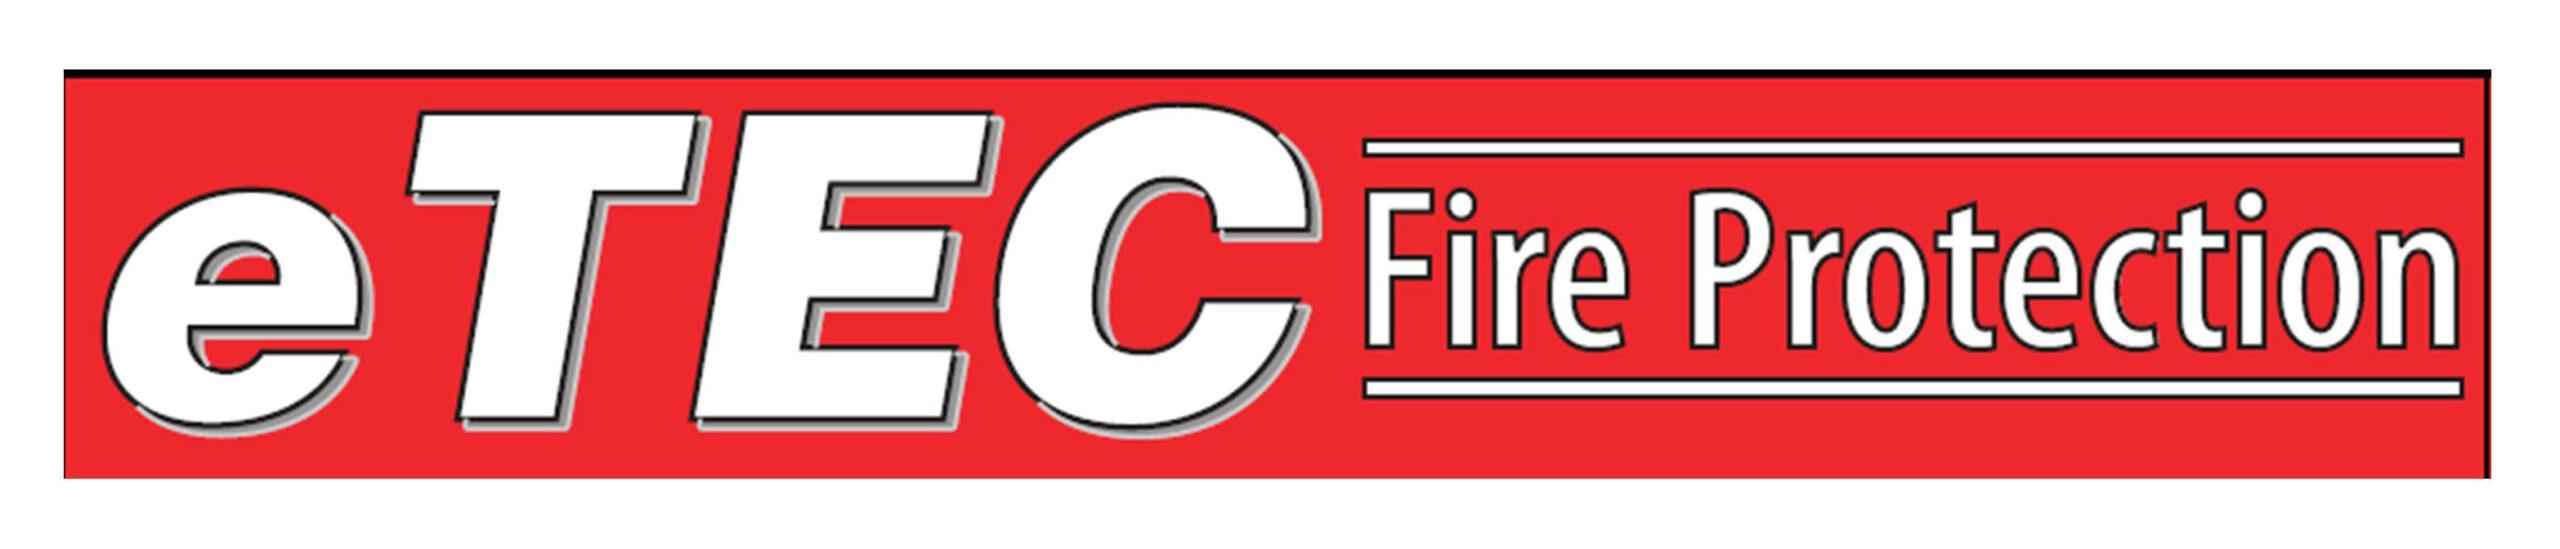 etec Fire